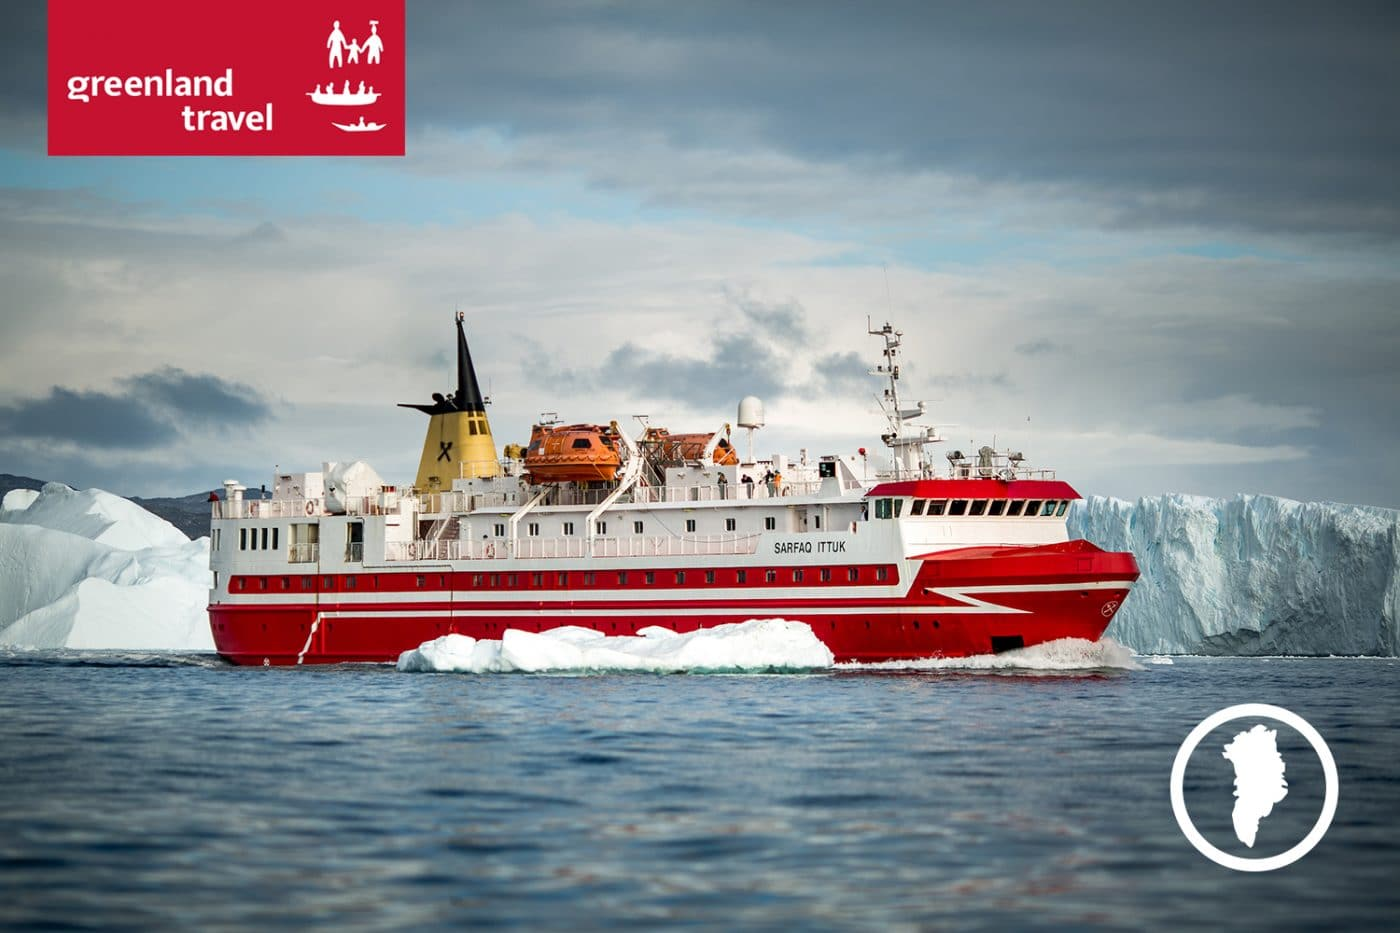 Greenland Travel: Sommerabenteuer! Rundreise durch großartige Natur